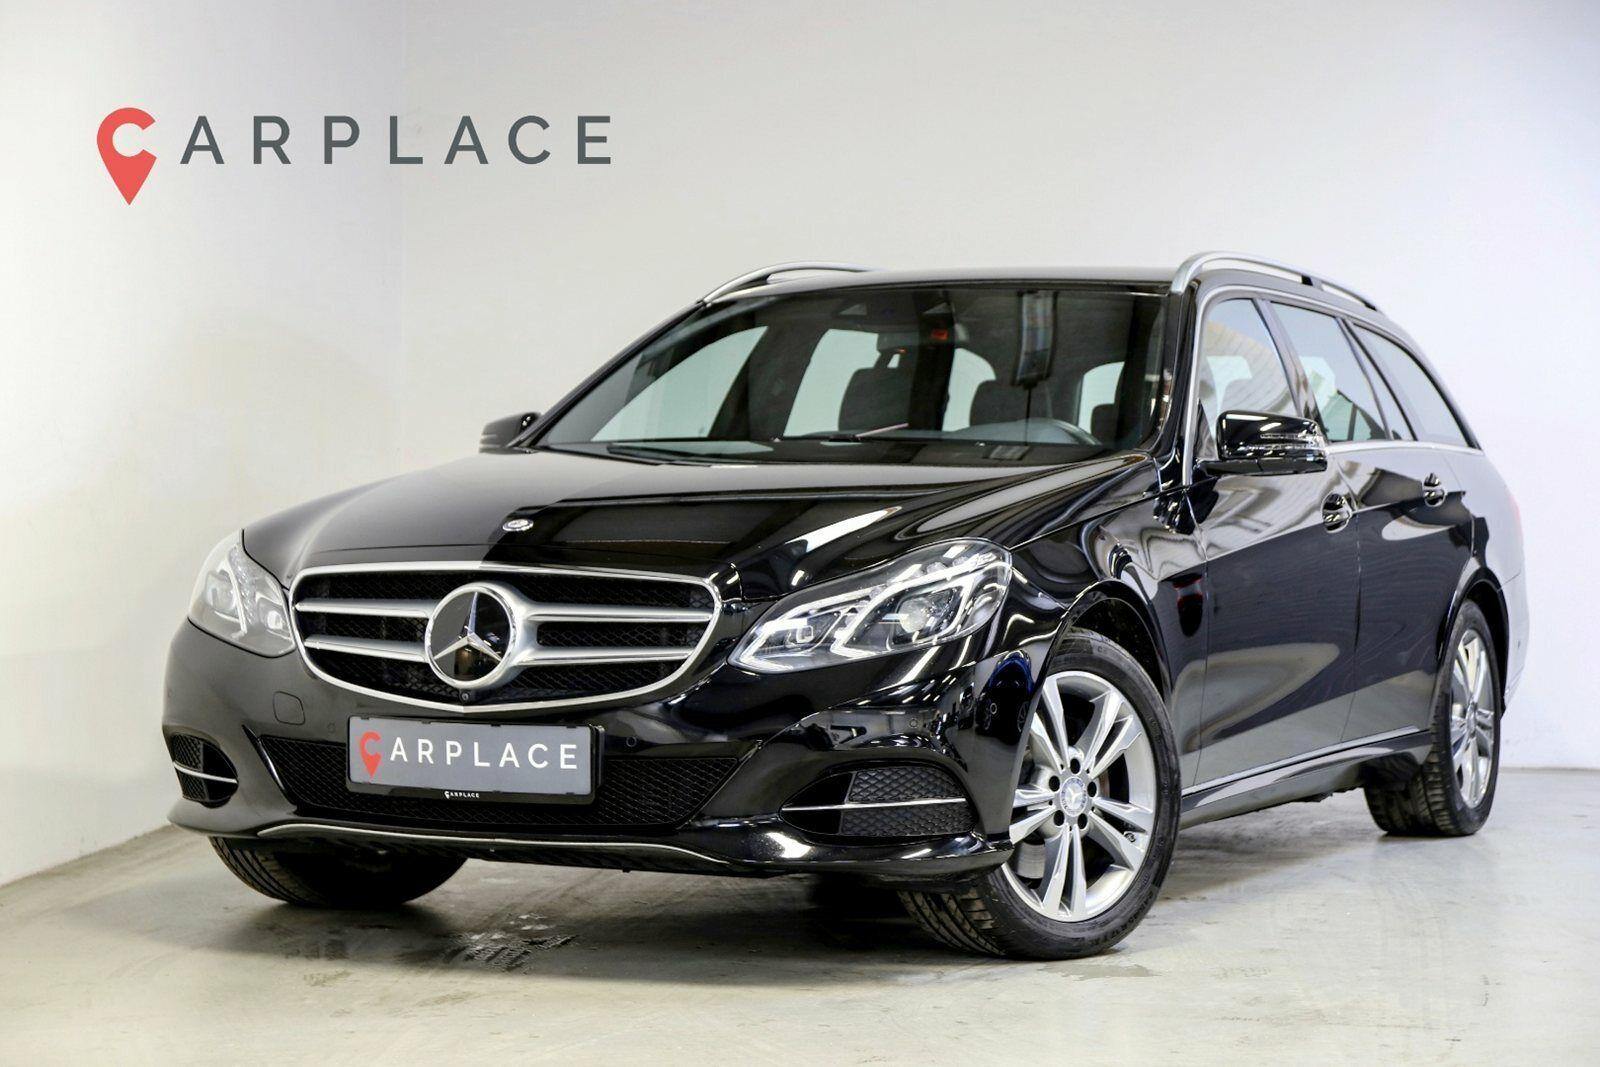 Mercedes E350 3,0 BlueTEC Avantgarde stc. aut. 5d - 519.900 kr.